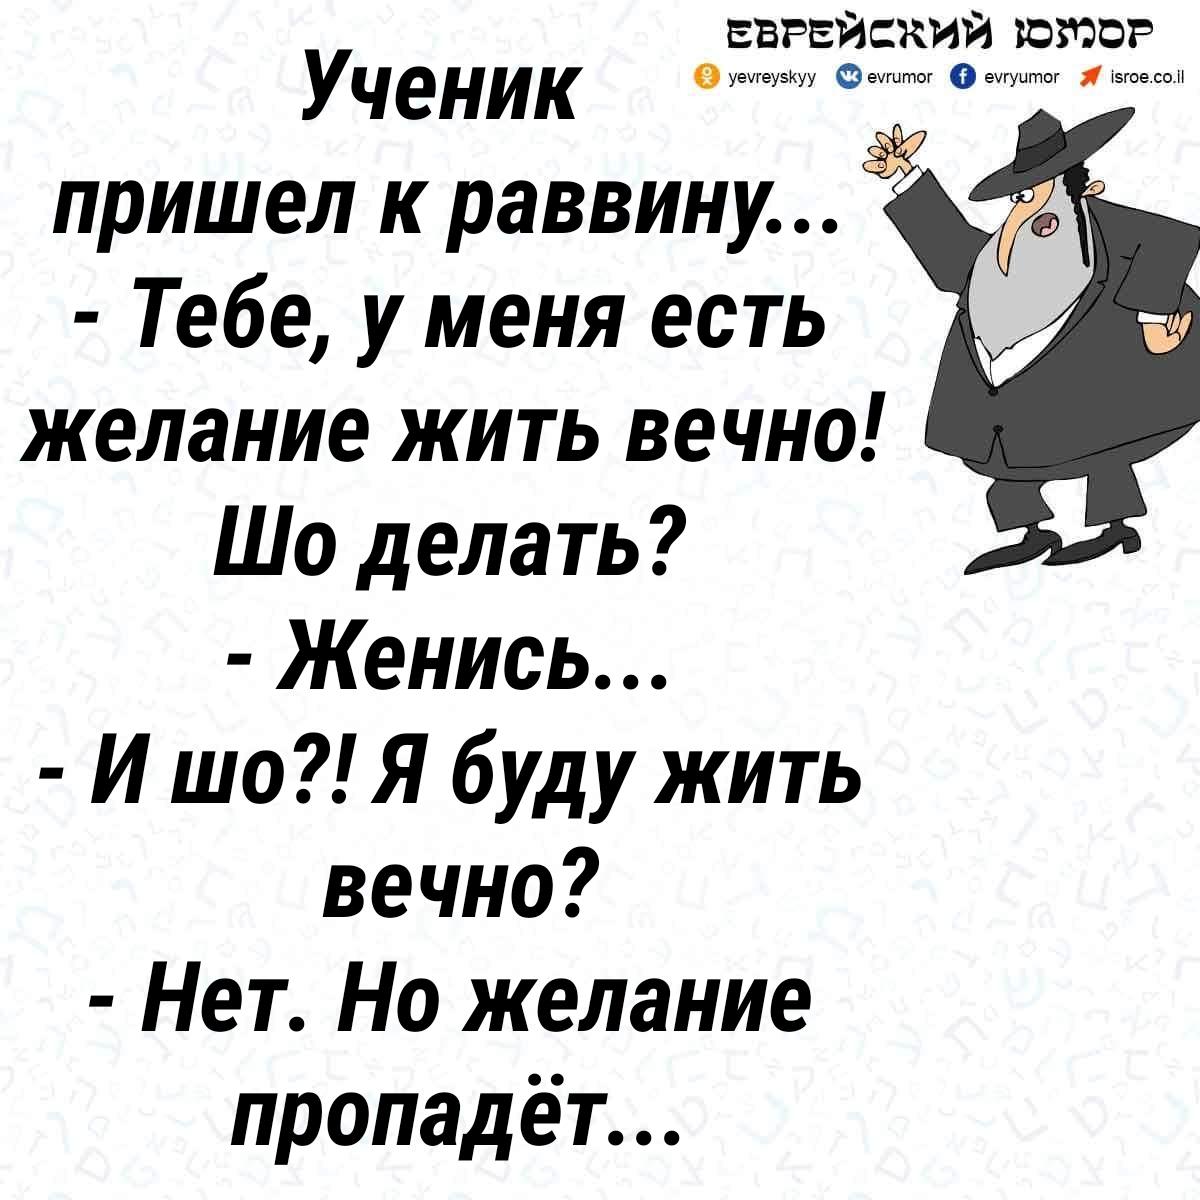 Одесские Анекдоты Про Евреев